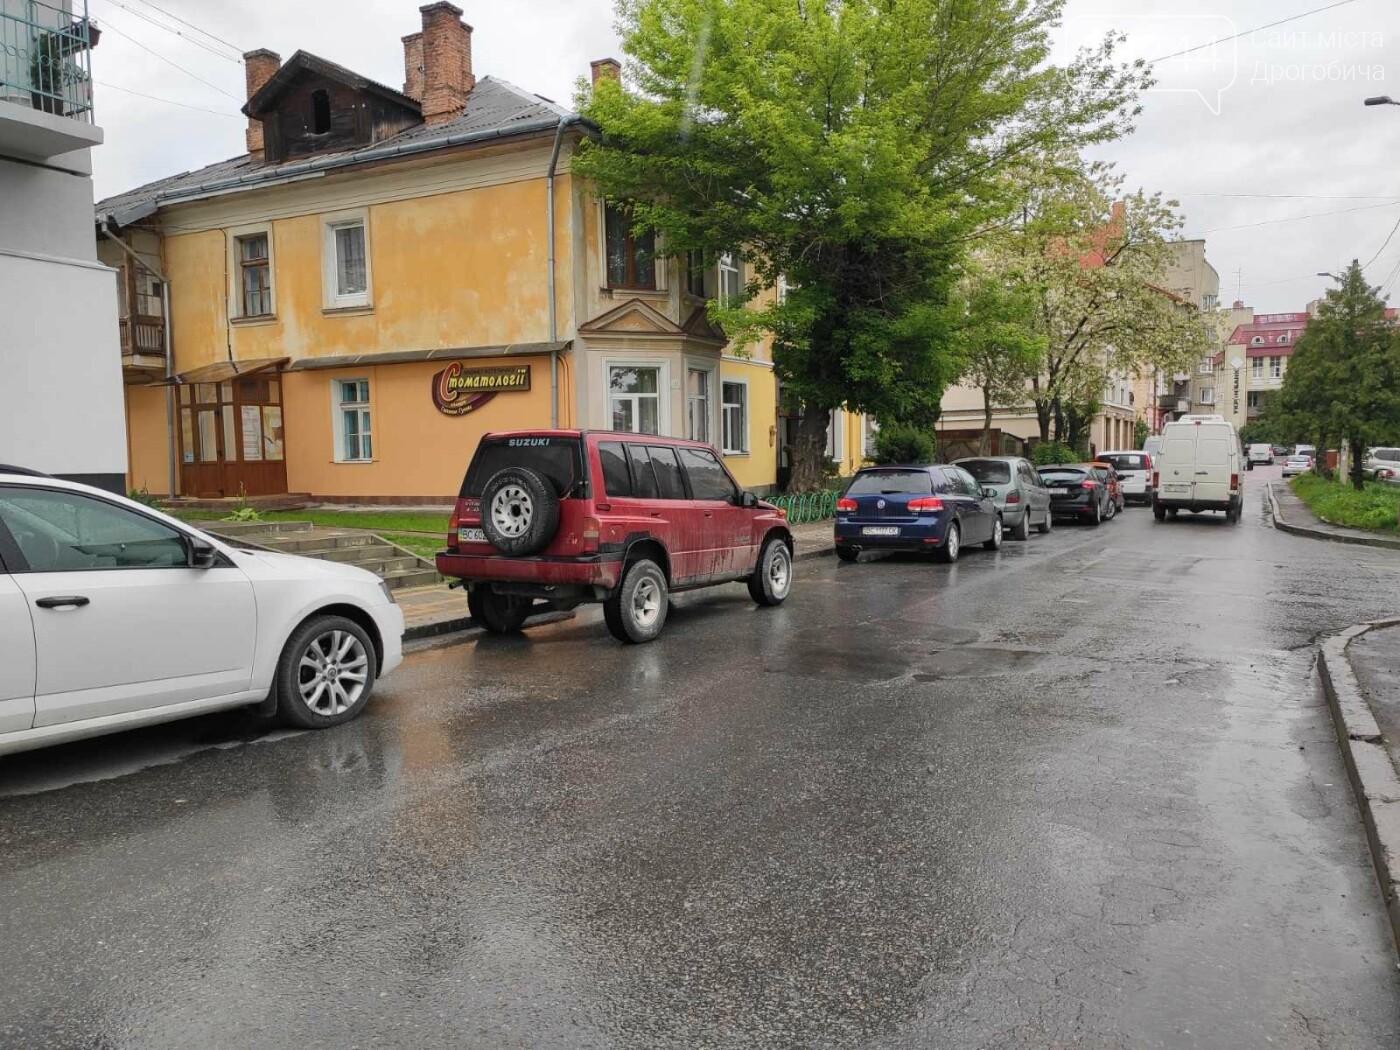 Після запуску платної системи паркування у центрі міста суттєво поменшало машин, - ФОТОРЕПОРТАЖ, фото-22